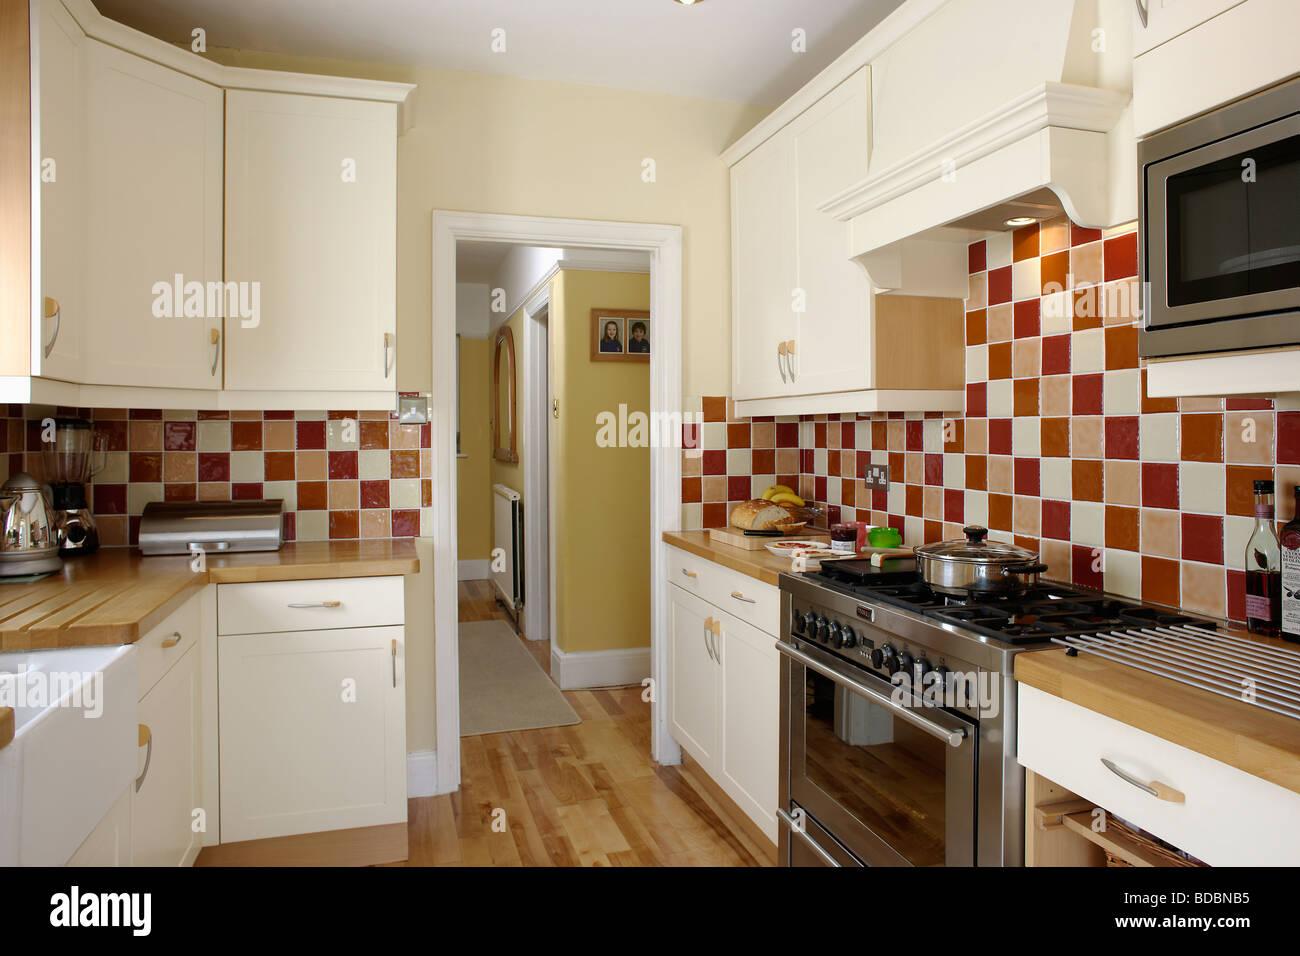 Marrone e crema piastrelle a muro in crema di tradizionale cucina